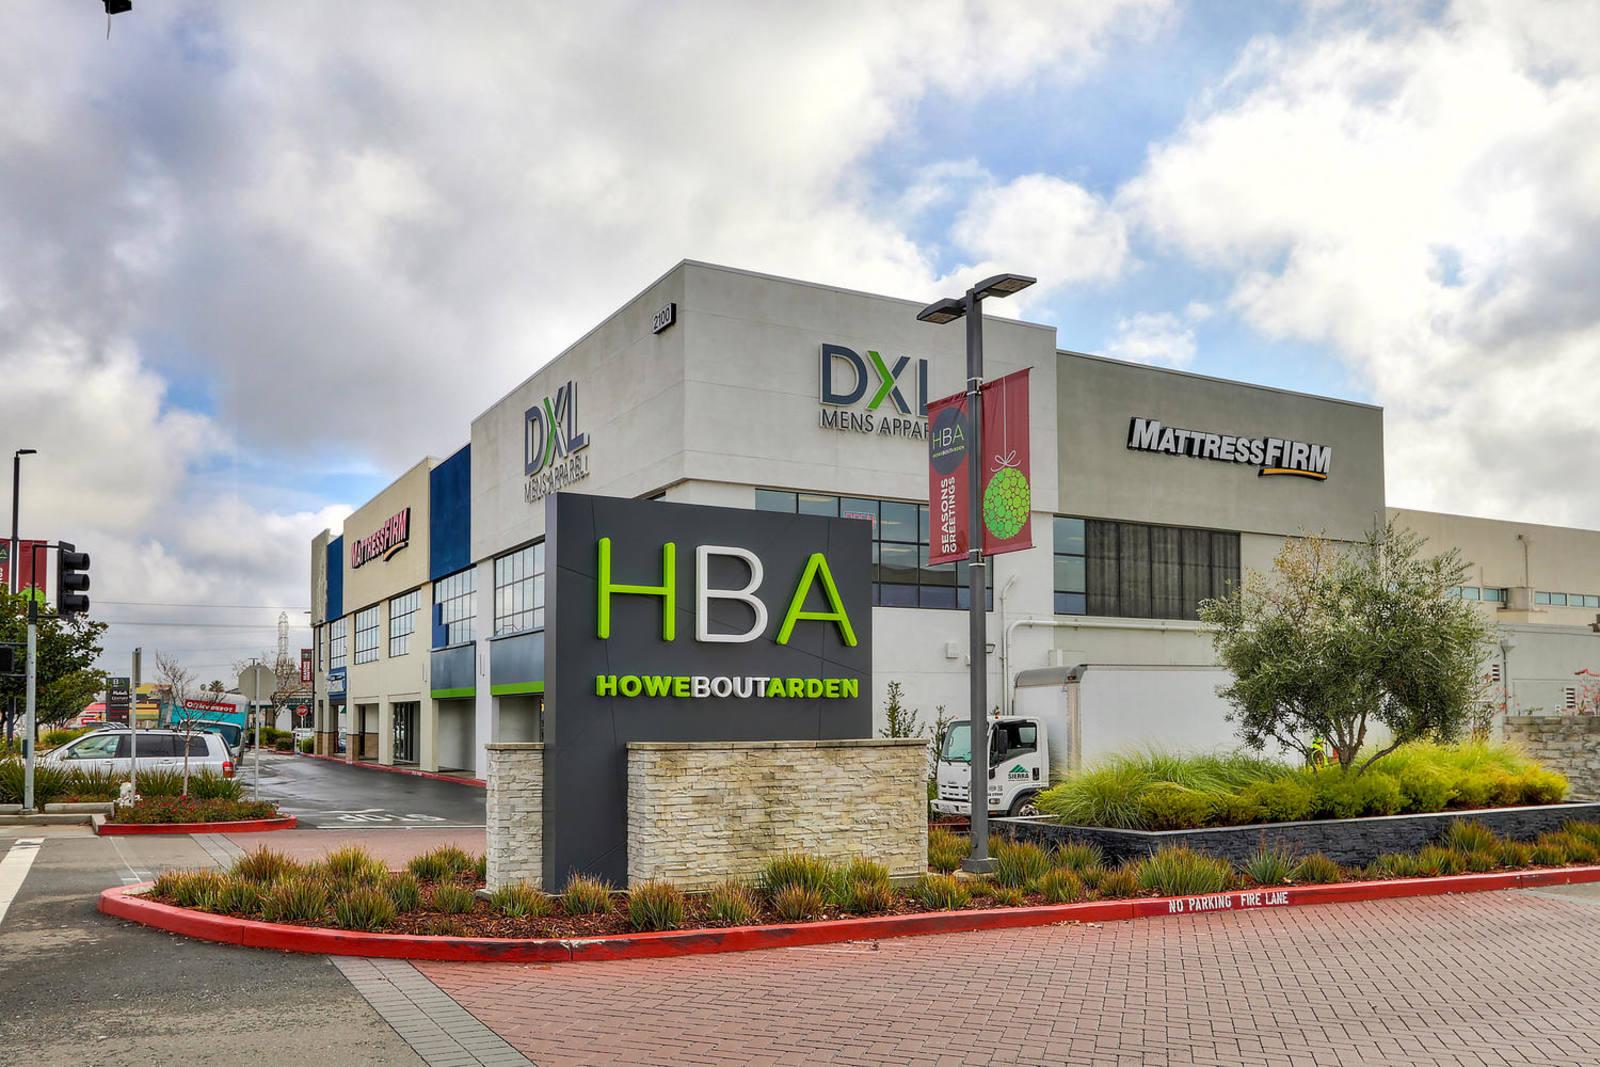 CBRE RetailHBA-Howe Bout Arden2030 Arden Way  Photo